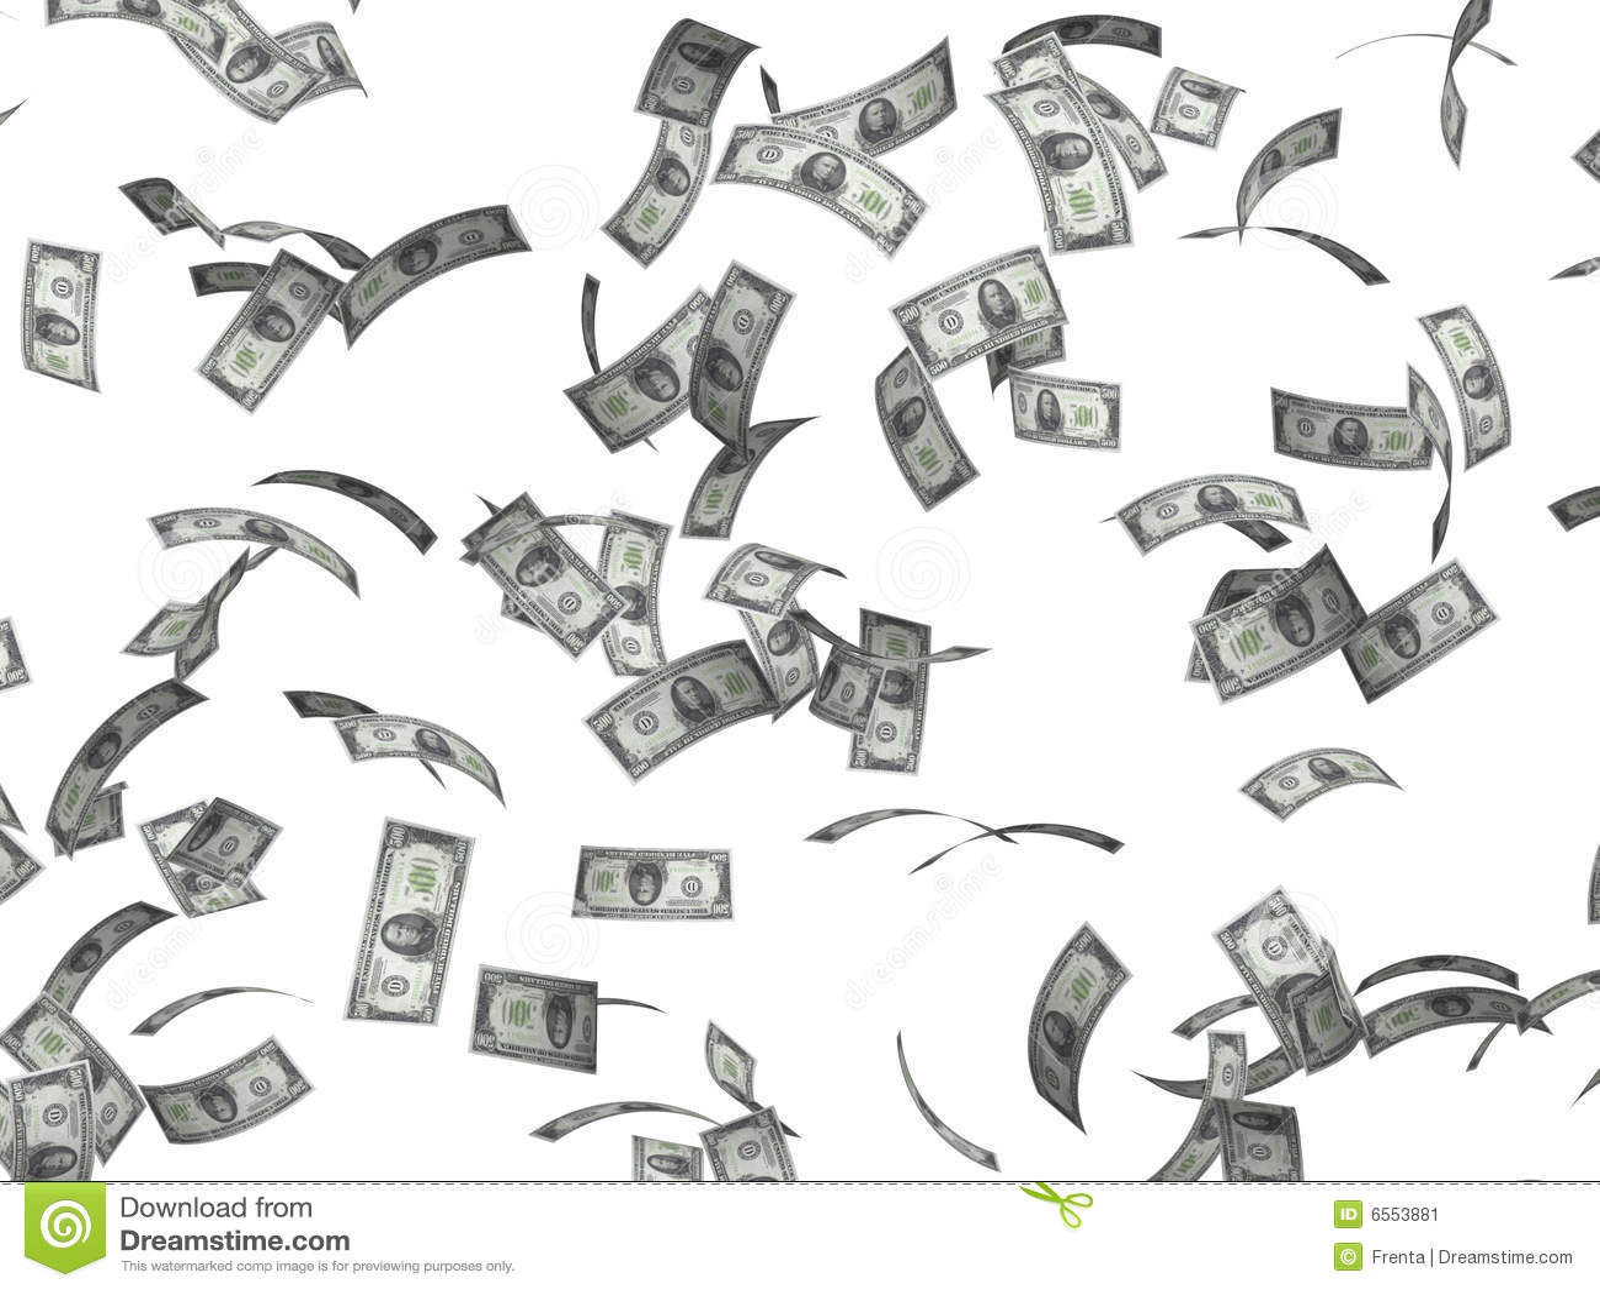 stocks to riches free pdf